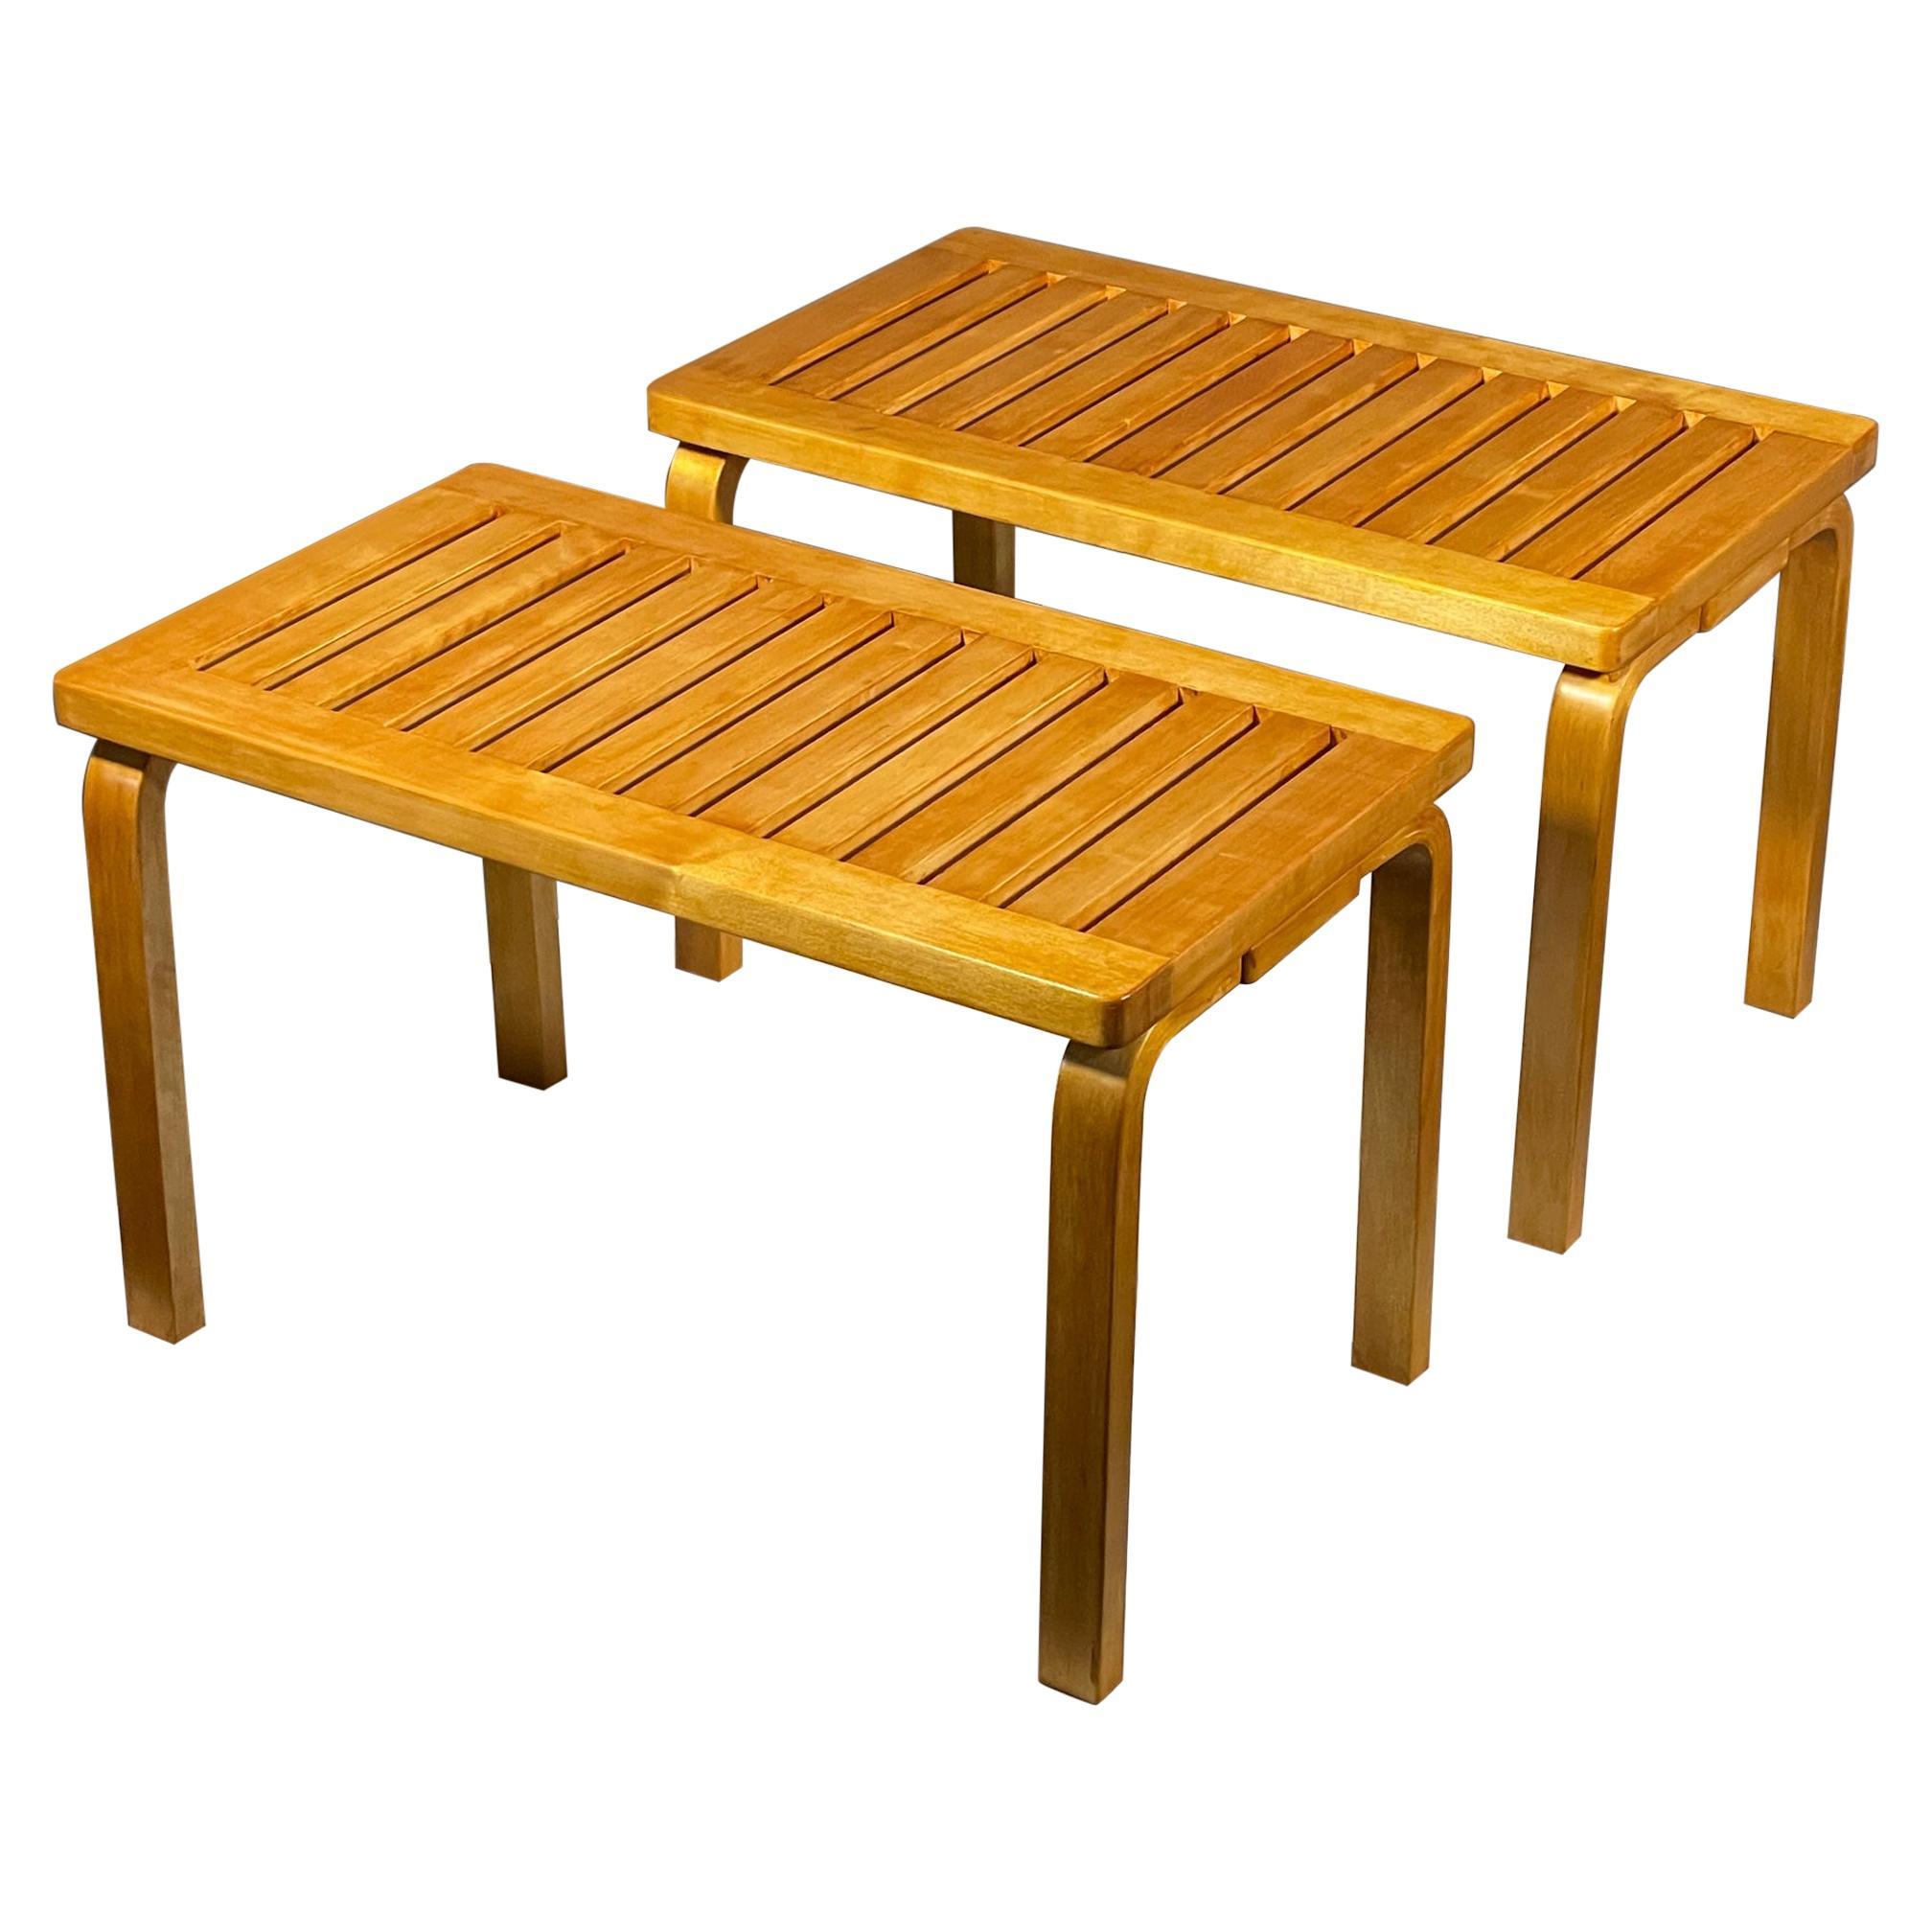 Pair of Classic Alvar Aalto Benches